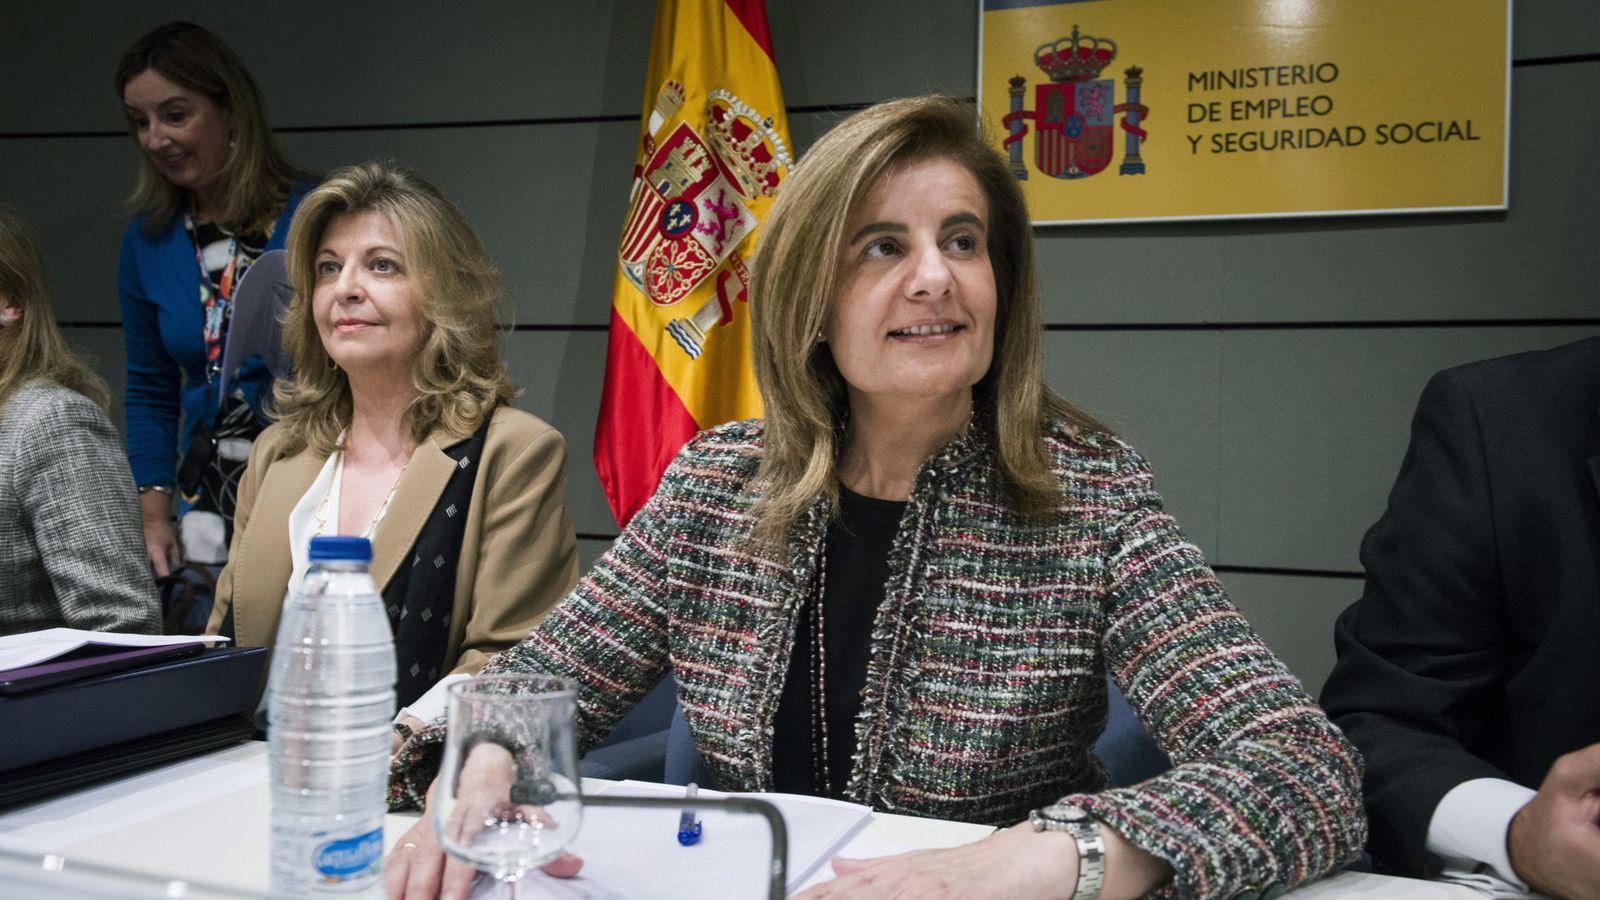 Foto: La ministra de Empleo, Fátima Báñez (d), y la secretaria de Estado de Empleo, Engracia Hidalgo en una imagen de archivo (EFE)